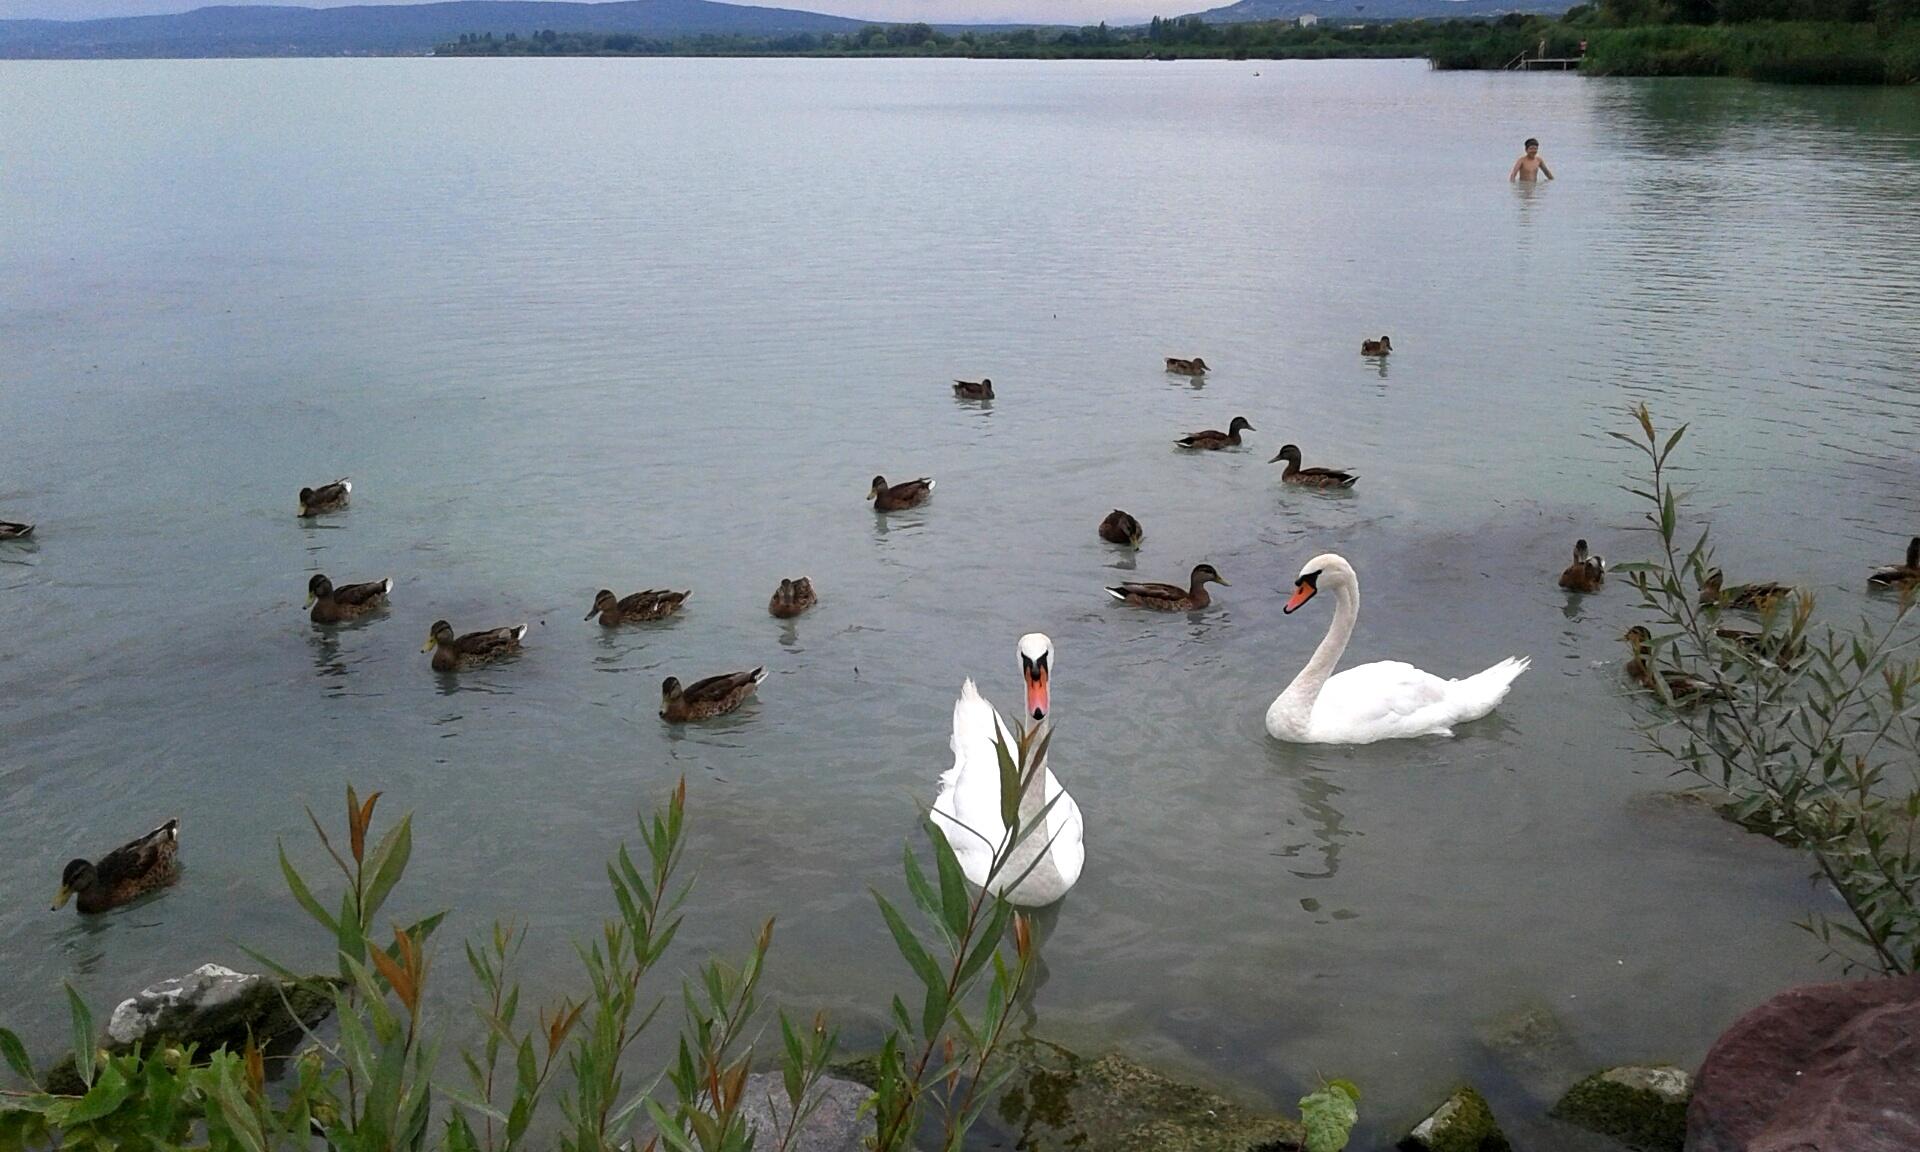 Balaton, kacsák, hattyúk. A száraz kifli nincs a képen.